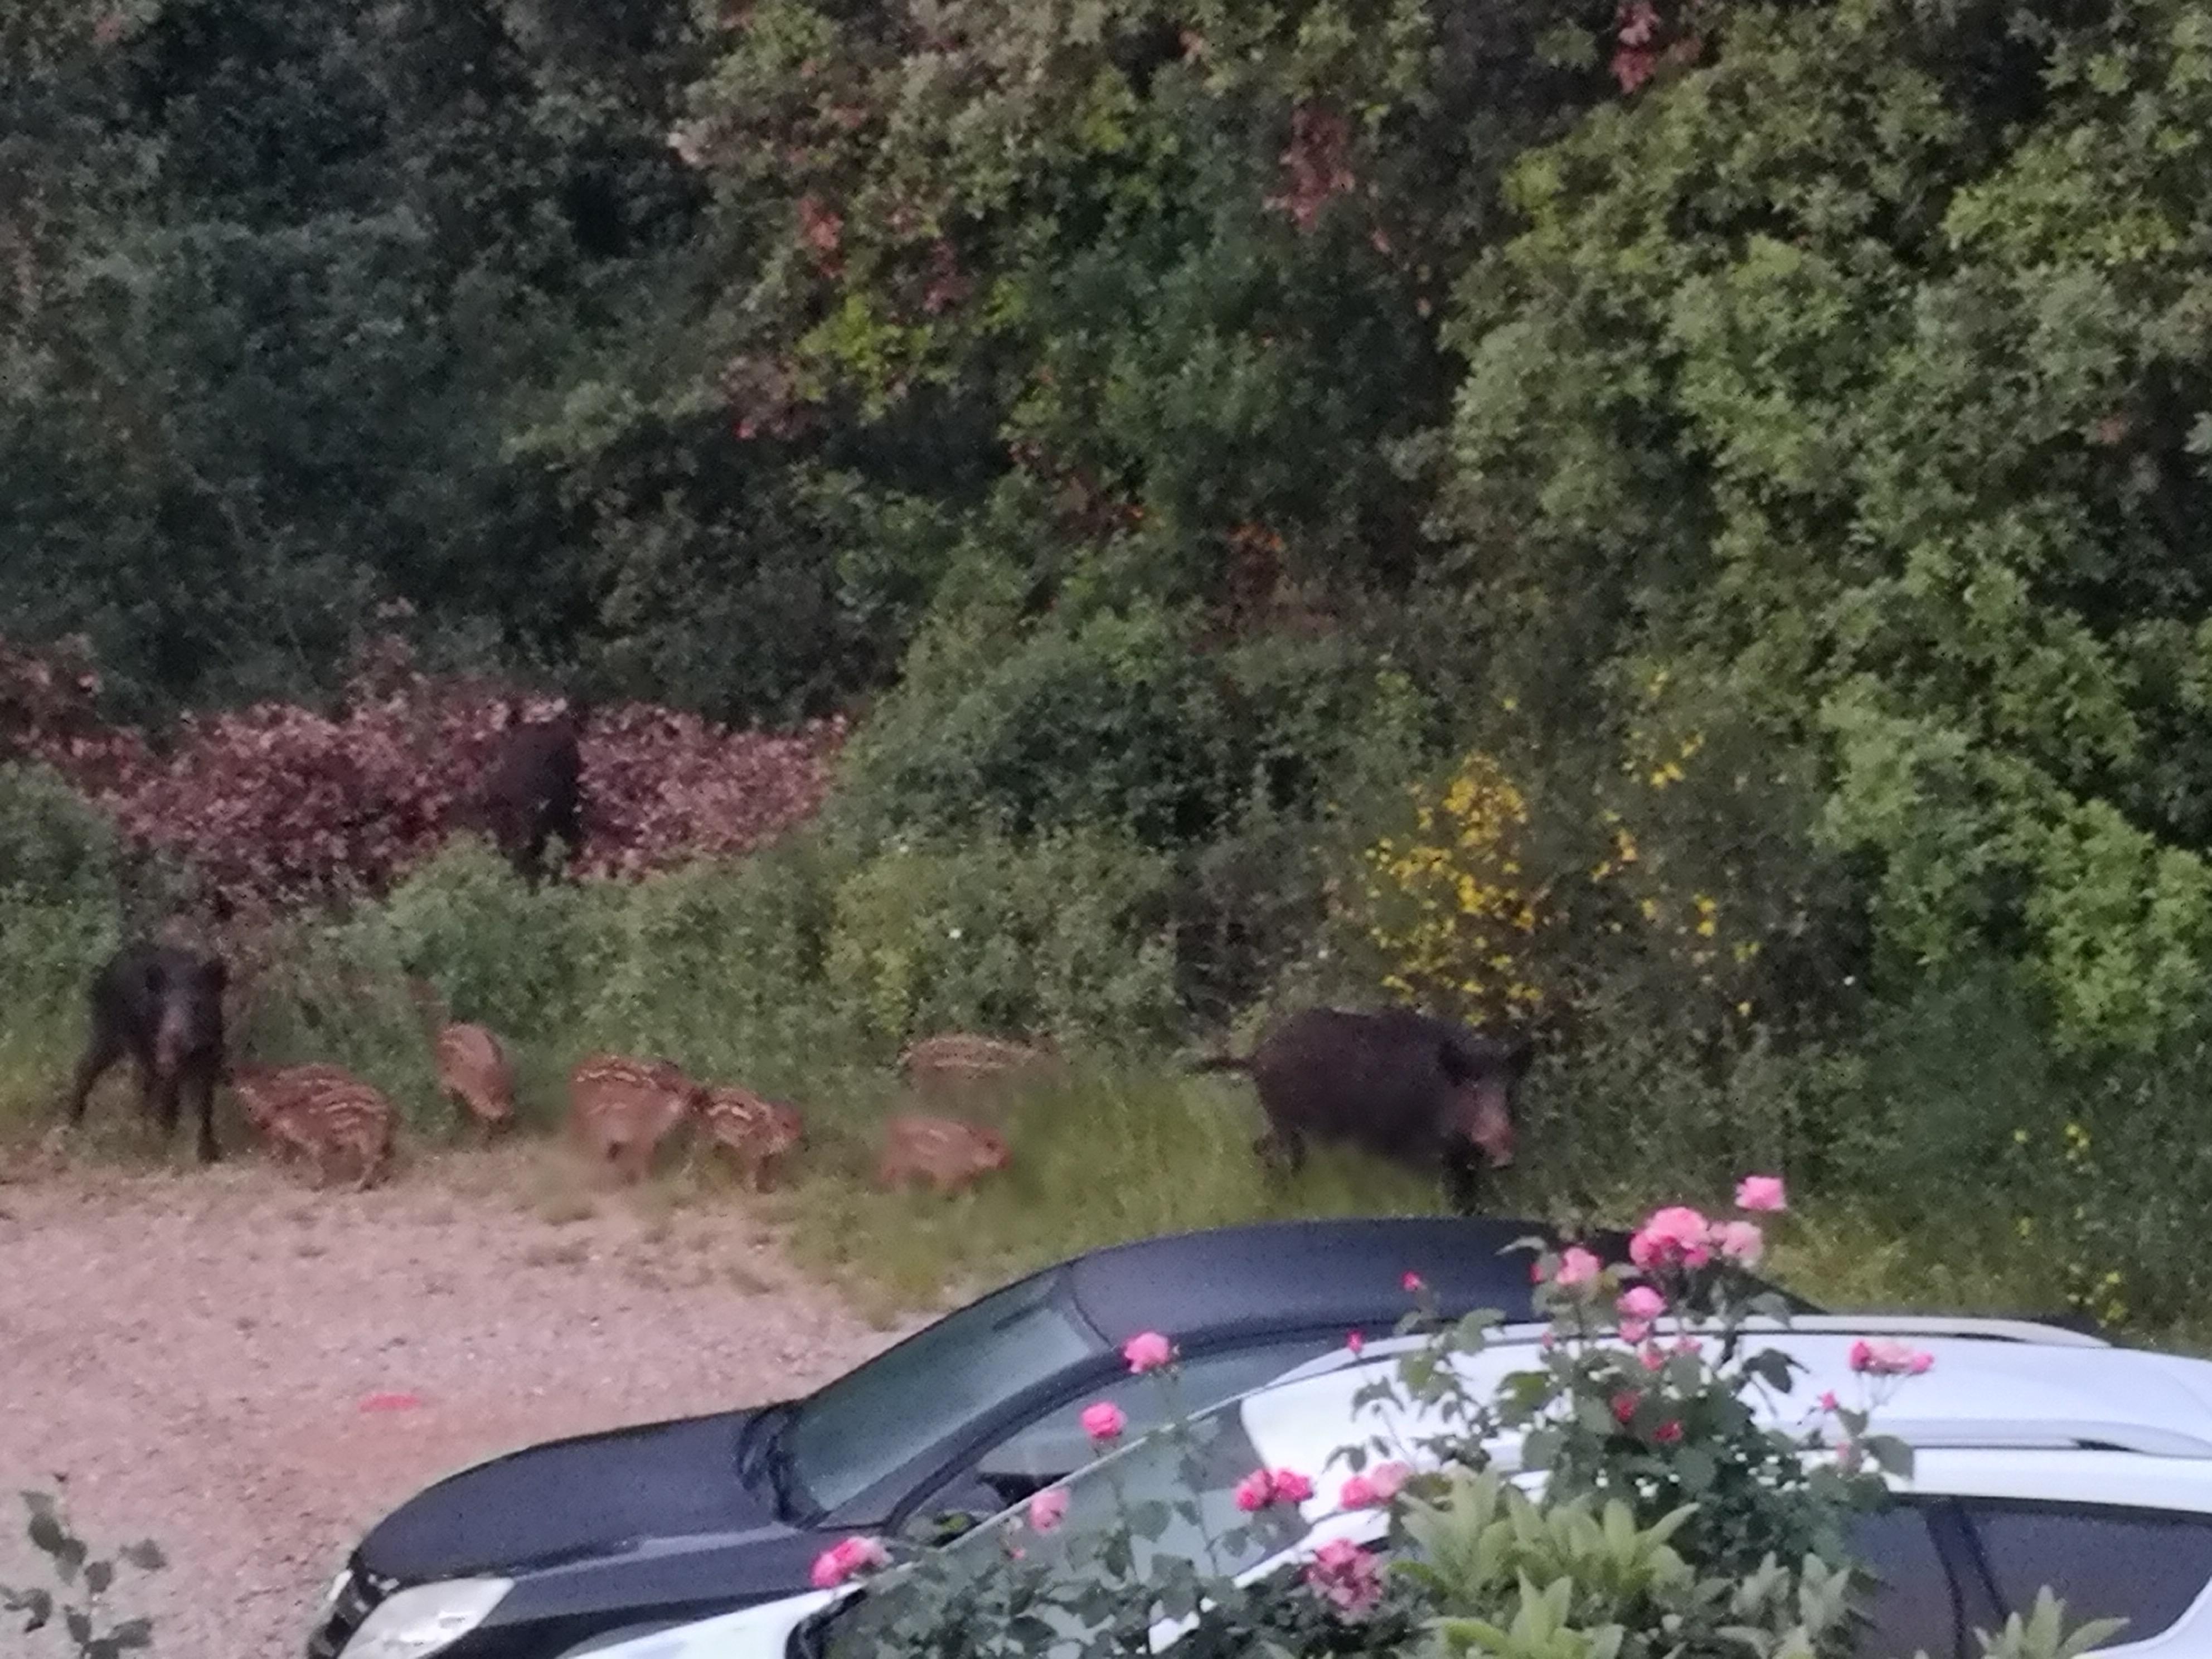 A breve il Programma di tutela dalla selvaggina al di fuori del terreno di caccia